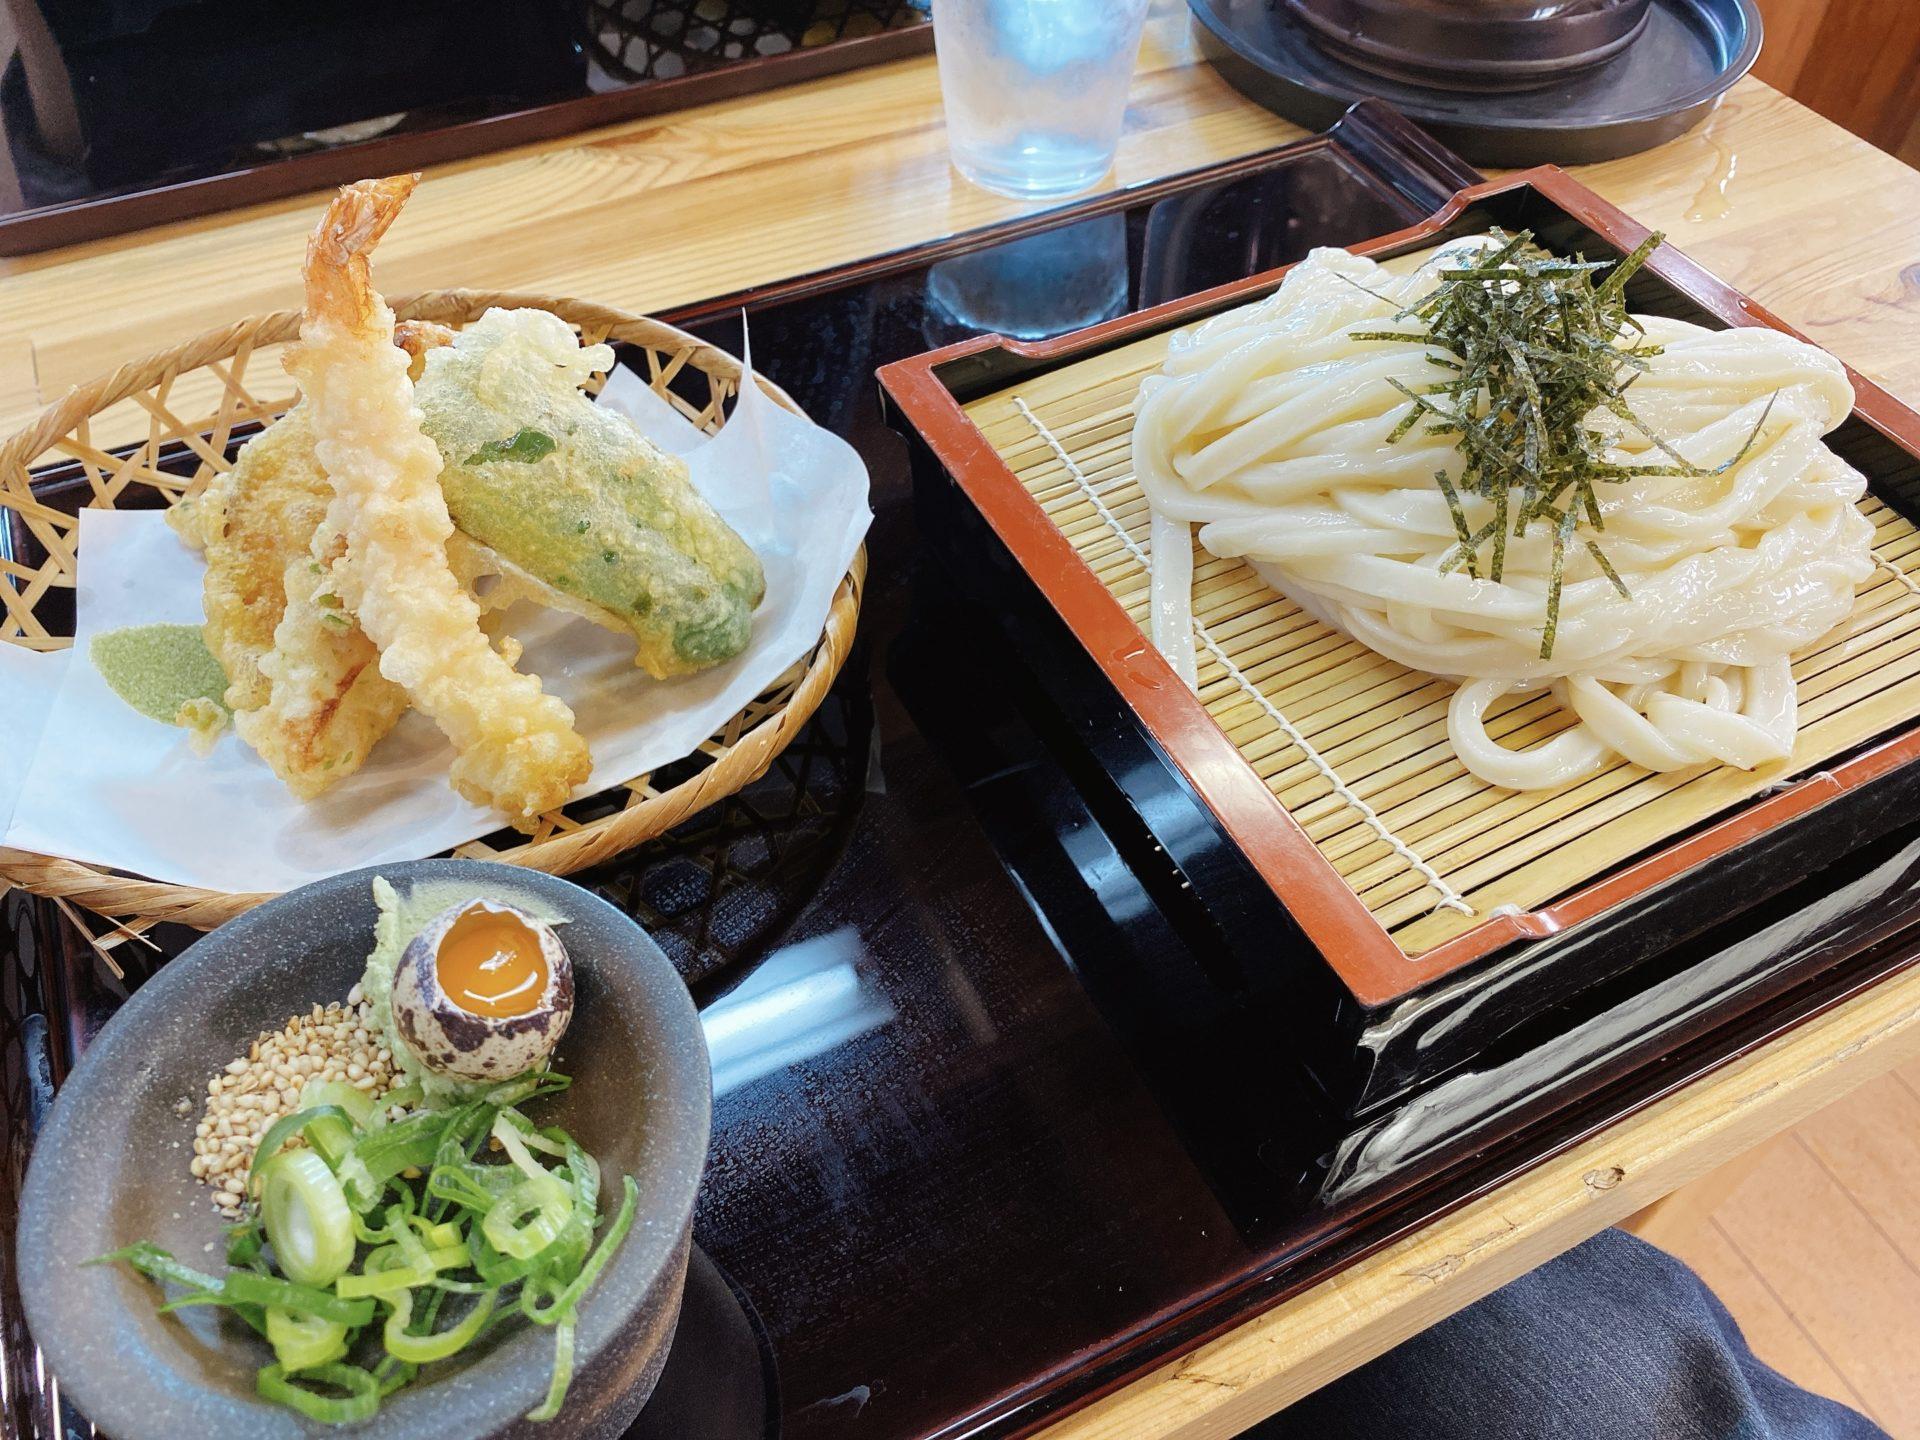 岡山市南区【うどん かえで】を初訪問!ランチで頂いた人気No.1の天ざるうどんがマジで美味しい!この麺の食感がとてもいい!